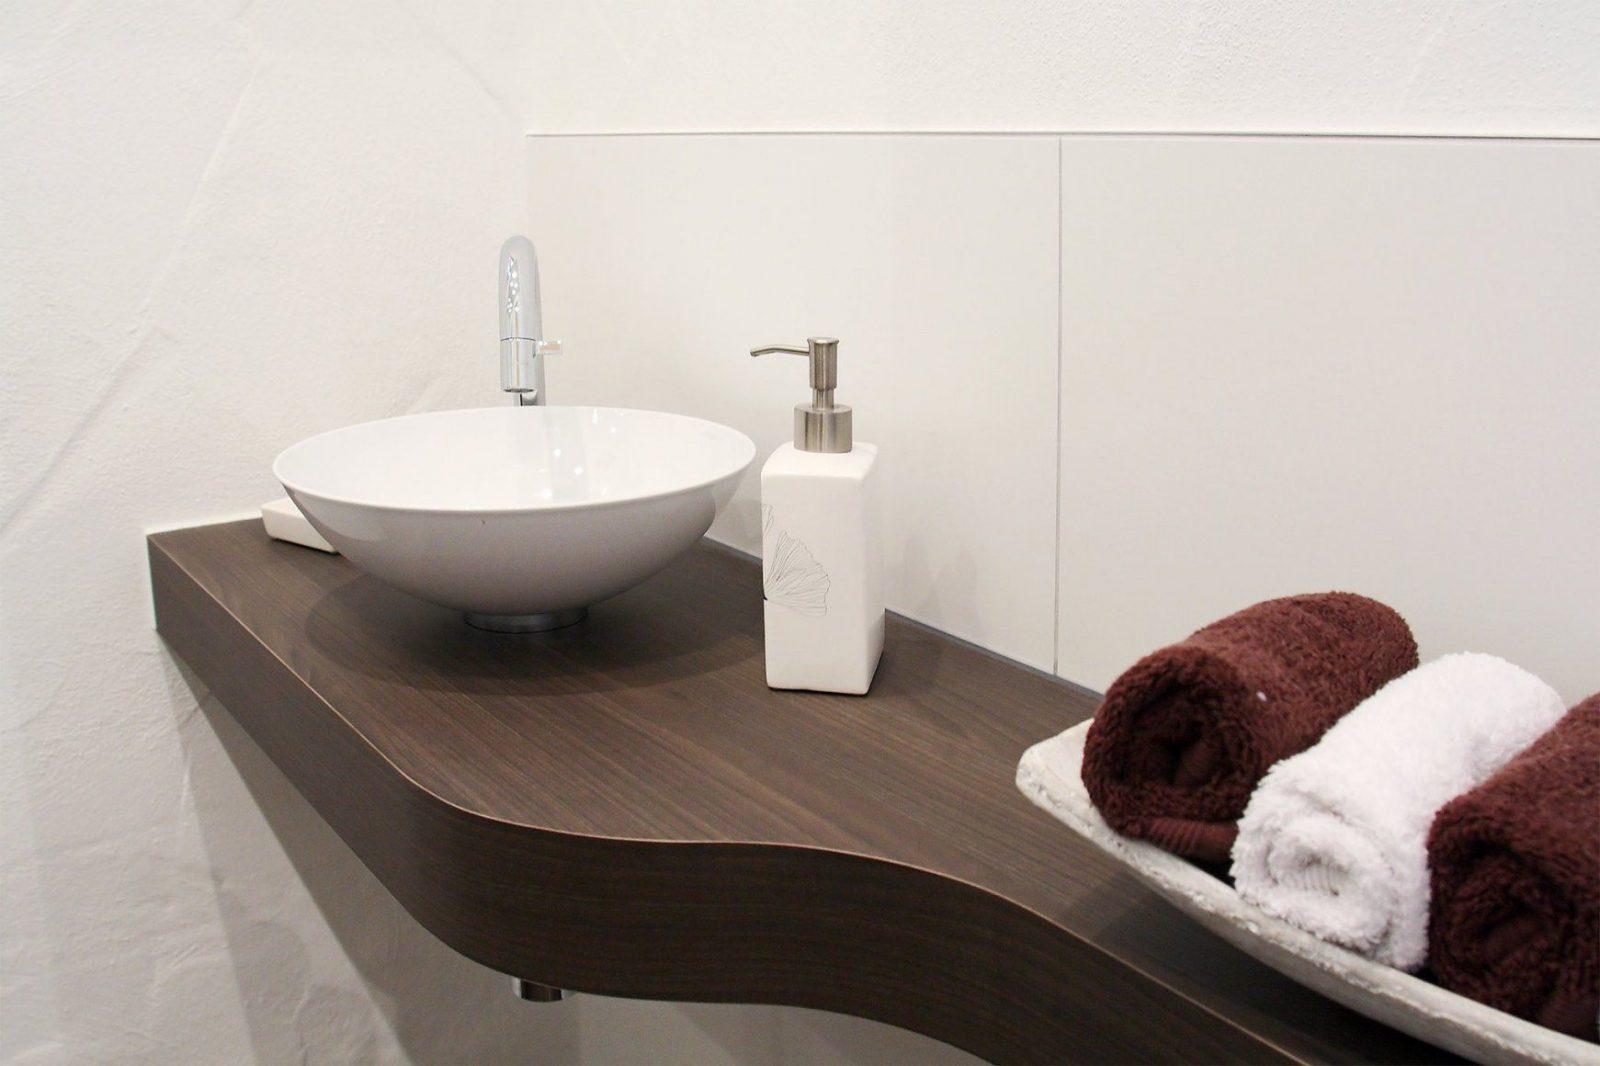 Fabelhafte Waschtisch Mit Waschbecken Waschbecken Schale Mit von Waschtisch Schale Mit Unterschrank Photo